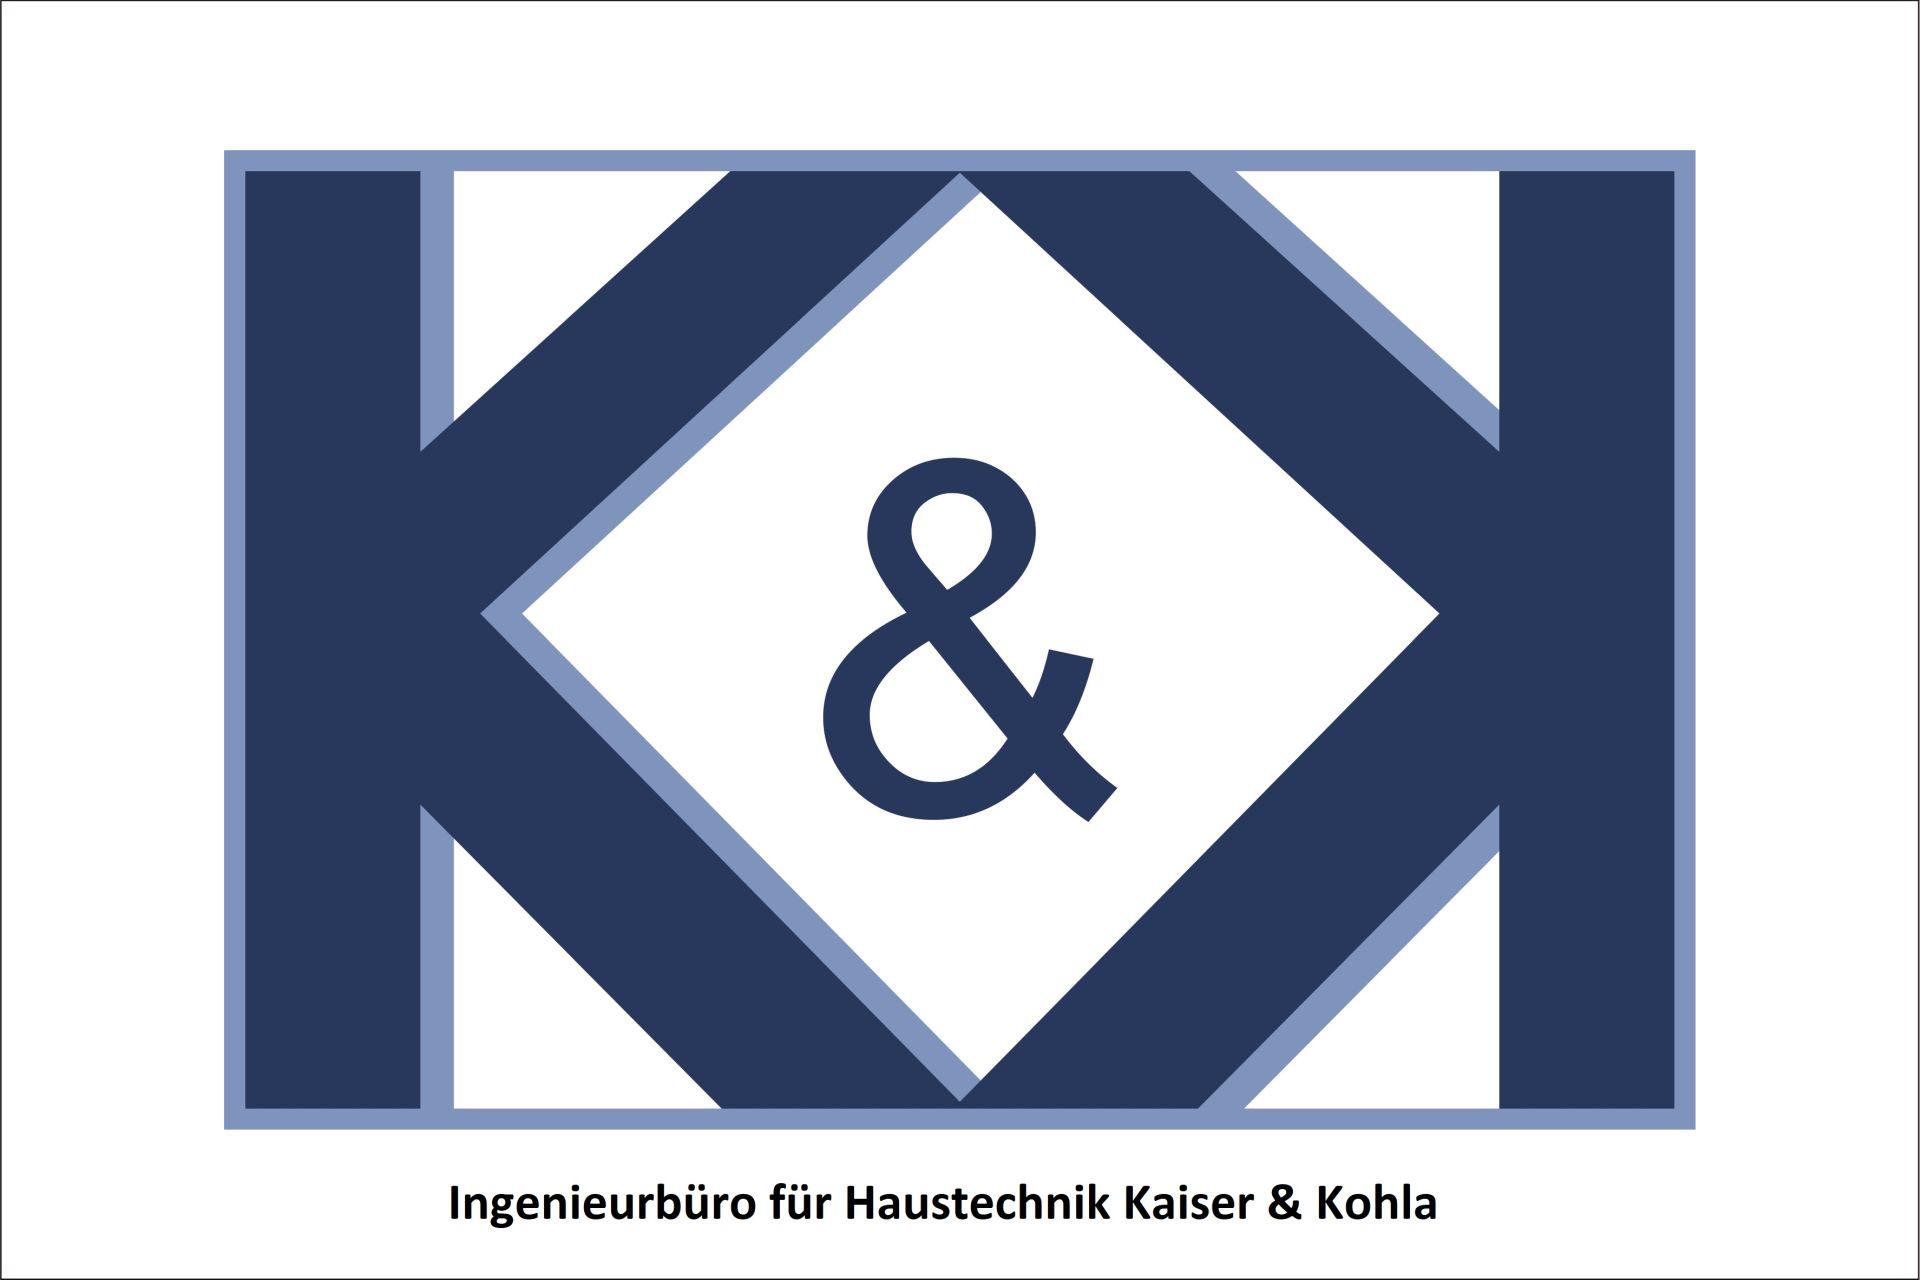 Haustechnik Kaiser & Kohla